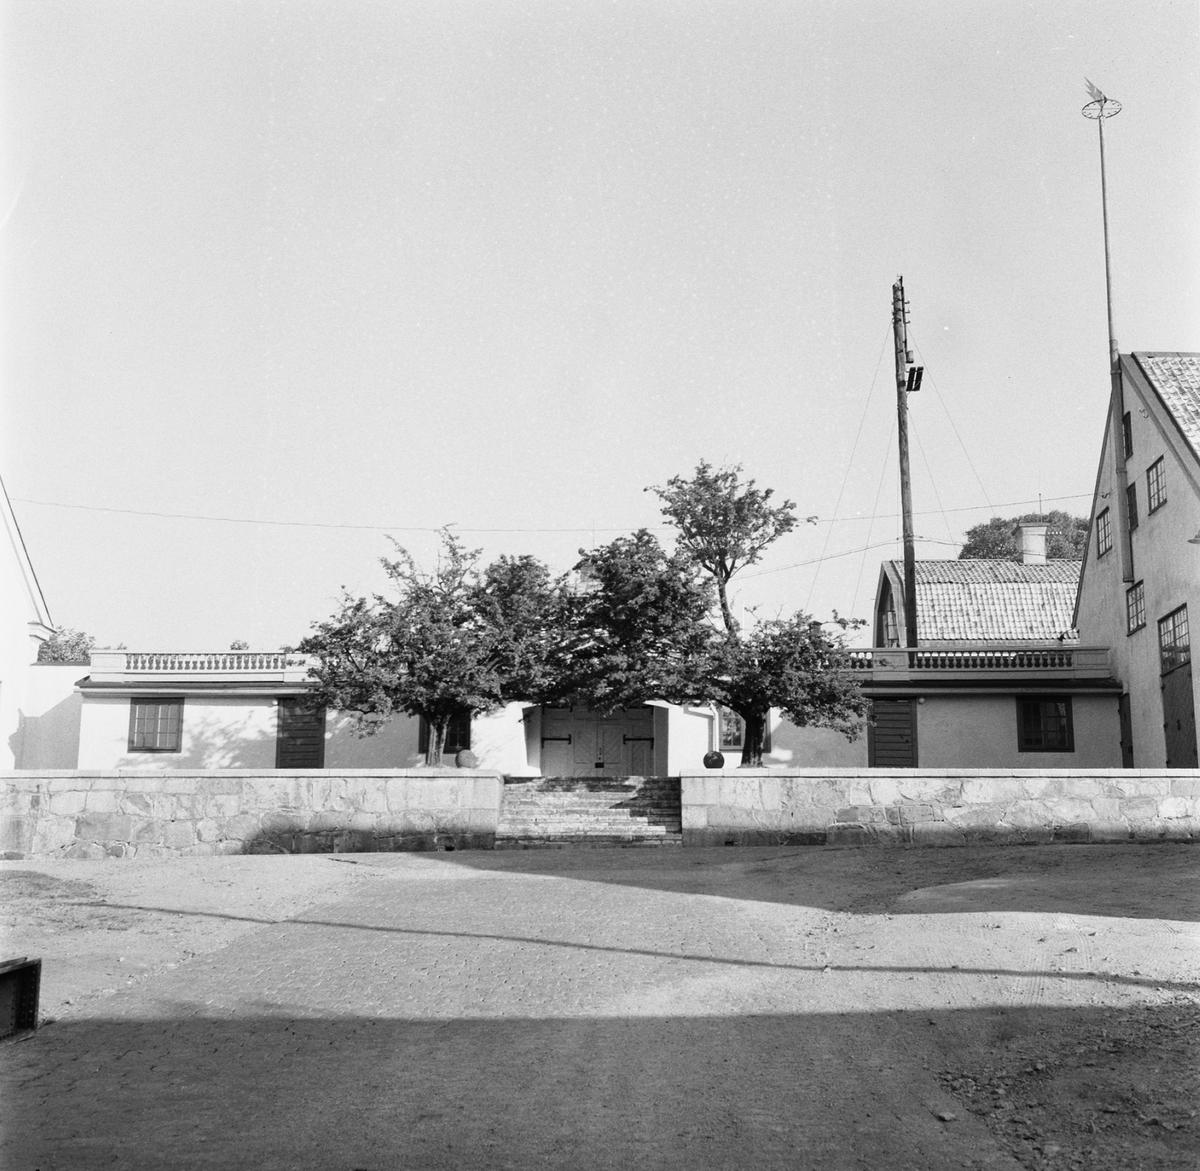 Övrigt: Fotodatum:8/10 1959 Byggnader och Kranar. Byggnader på varvet port nr 14